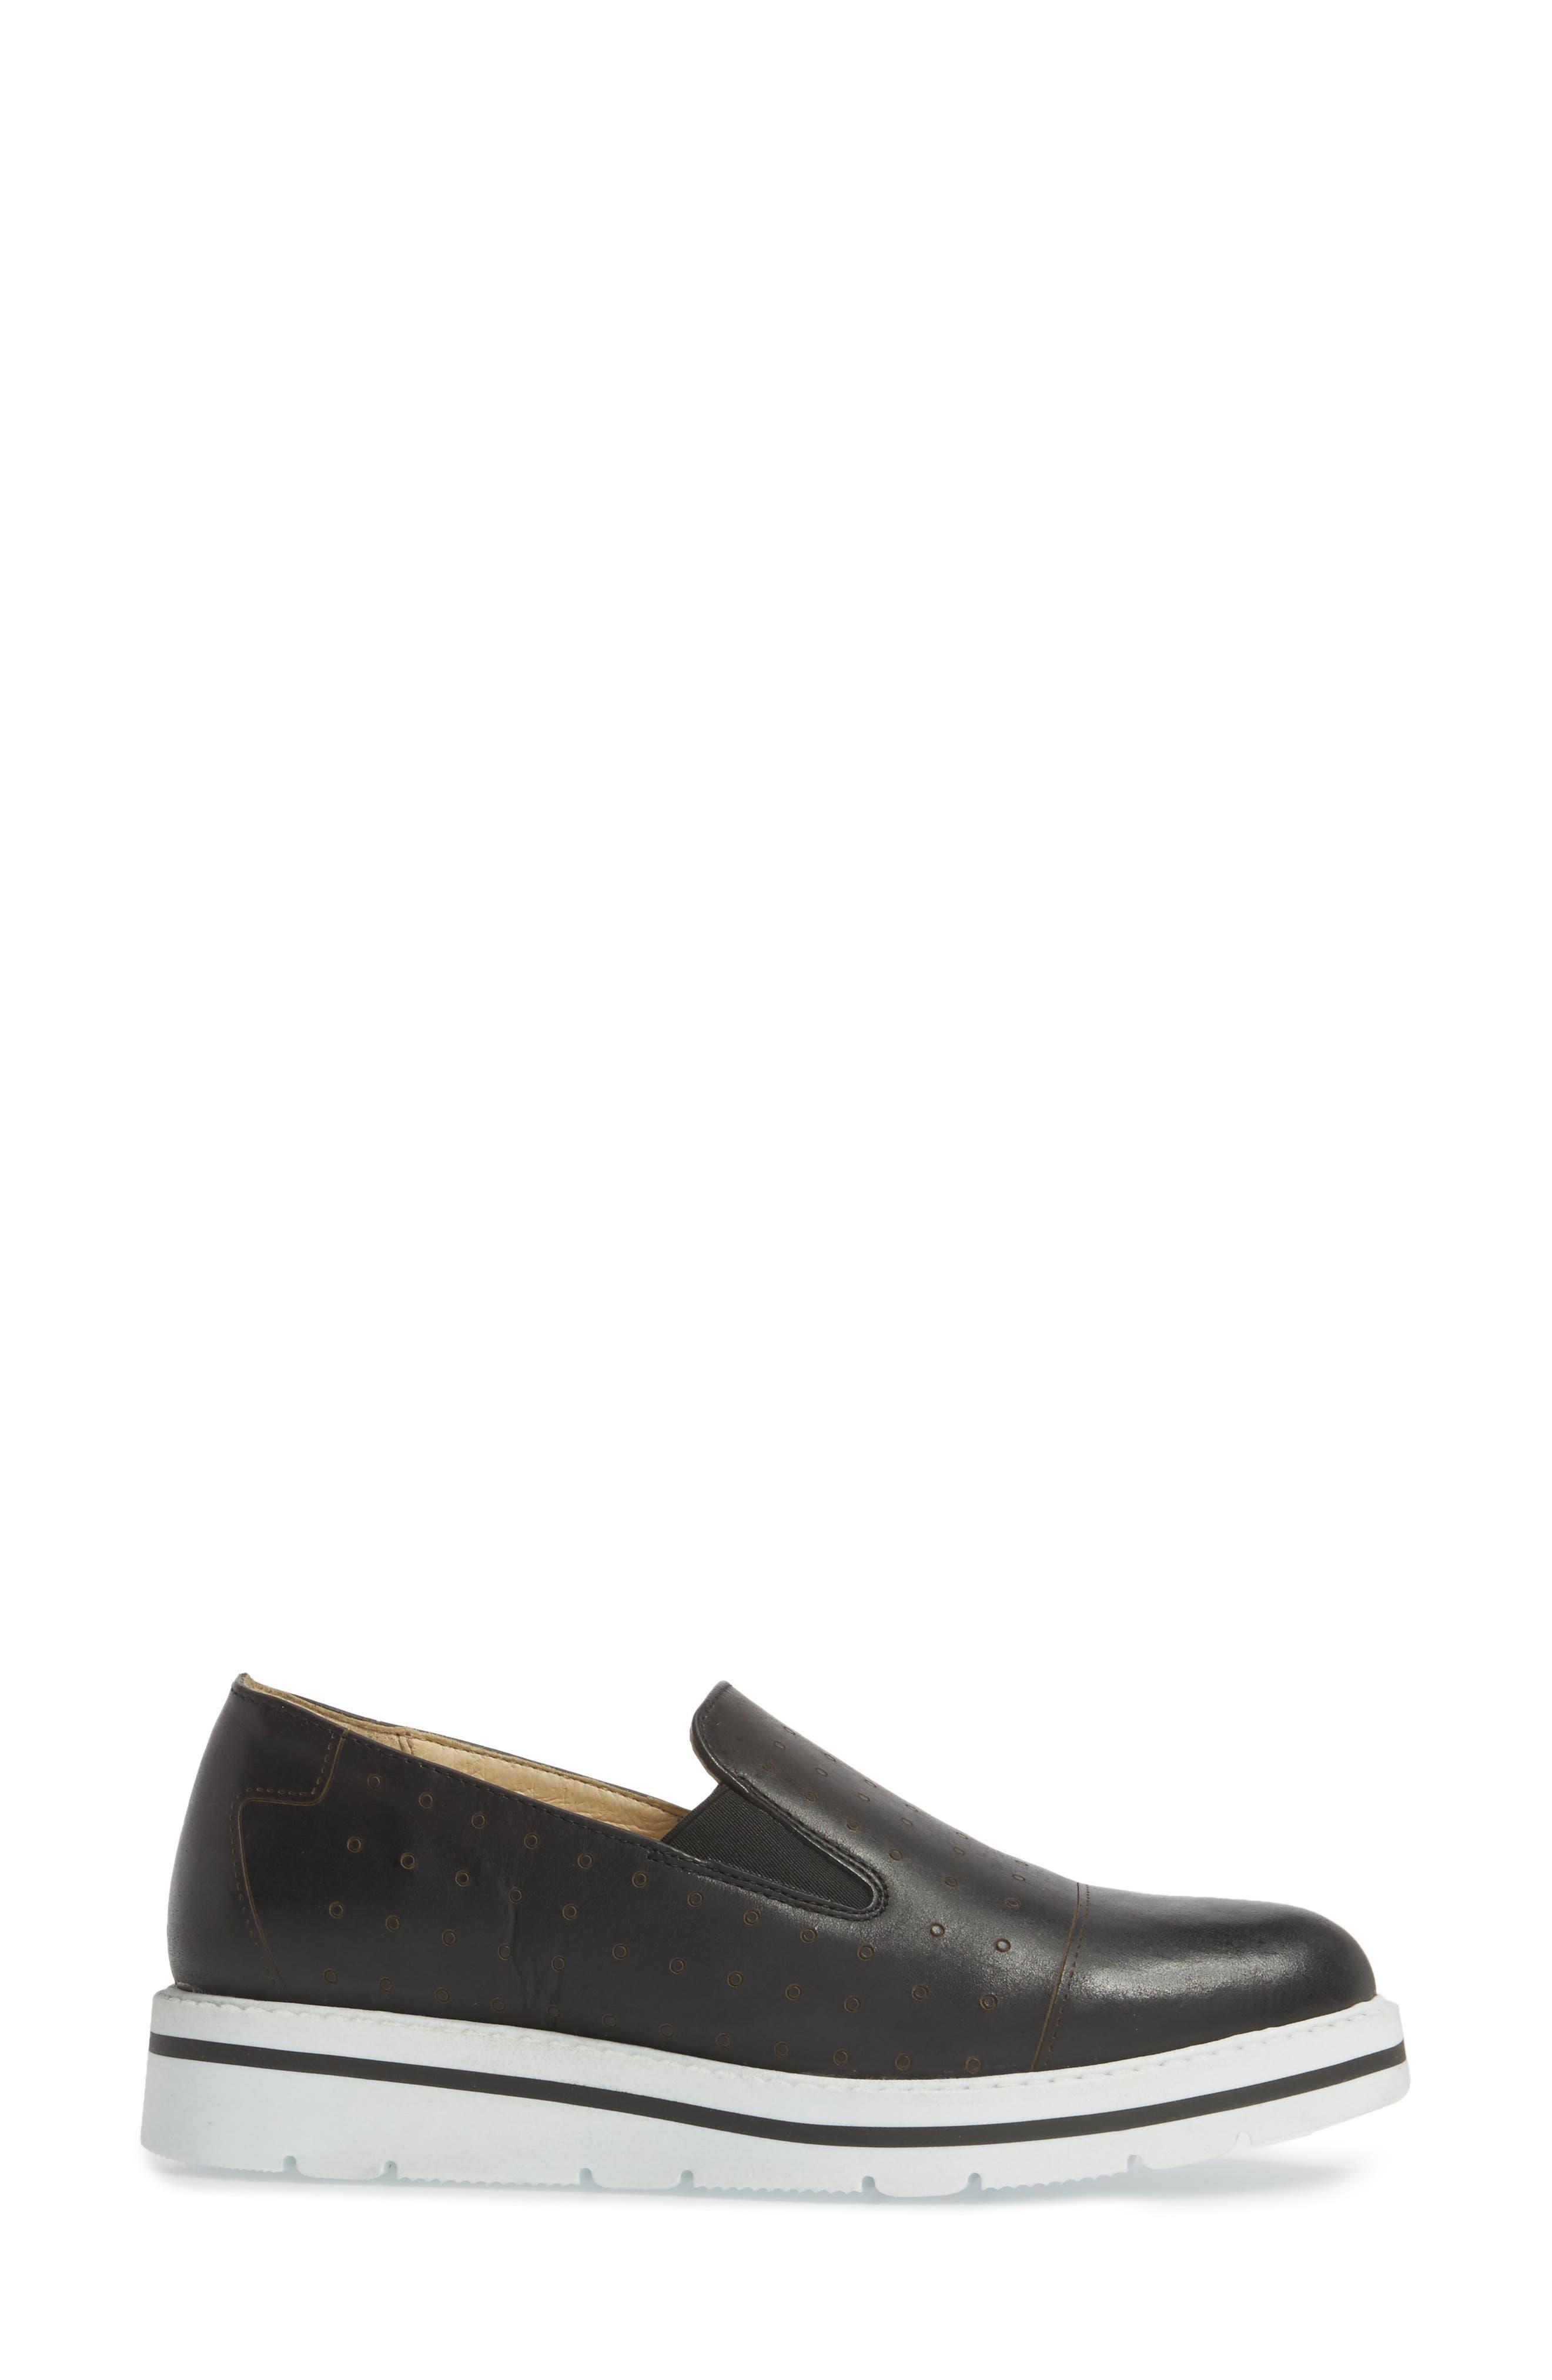 Leigh Slip-On Sneaker,                             Alternate thumbnail 3, color,                             BLACK GLAMOUR LEATHER